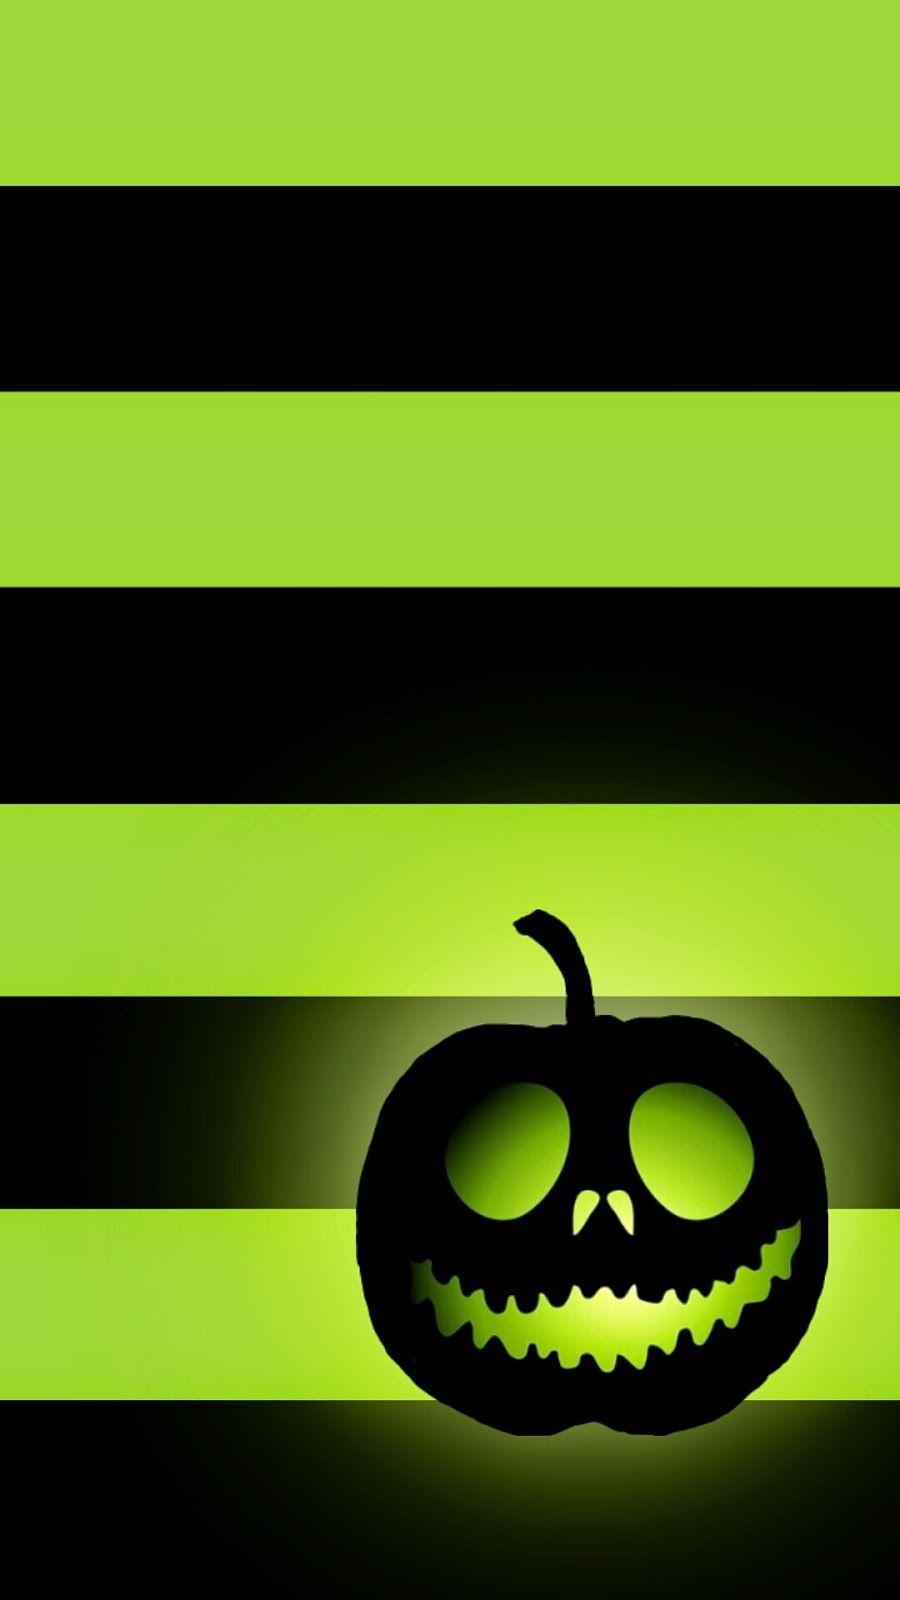 Iphone Wallpaper Halloween Tjn Halloween Wallpaper Iphone Halloween Wallpaper Witch Wallpaper